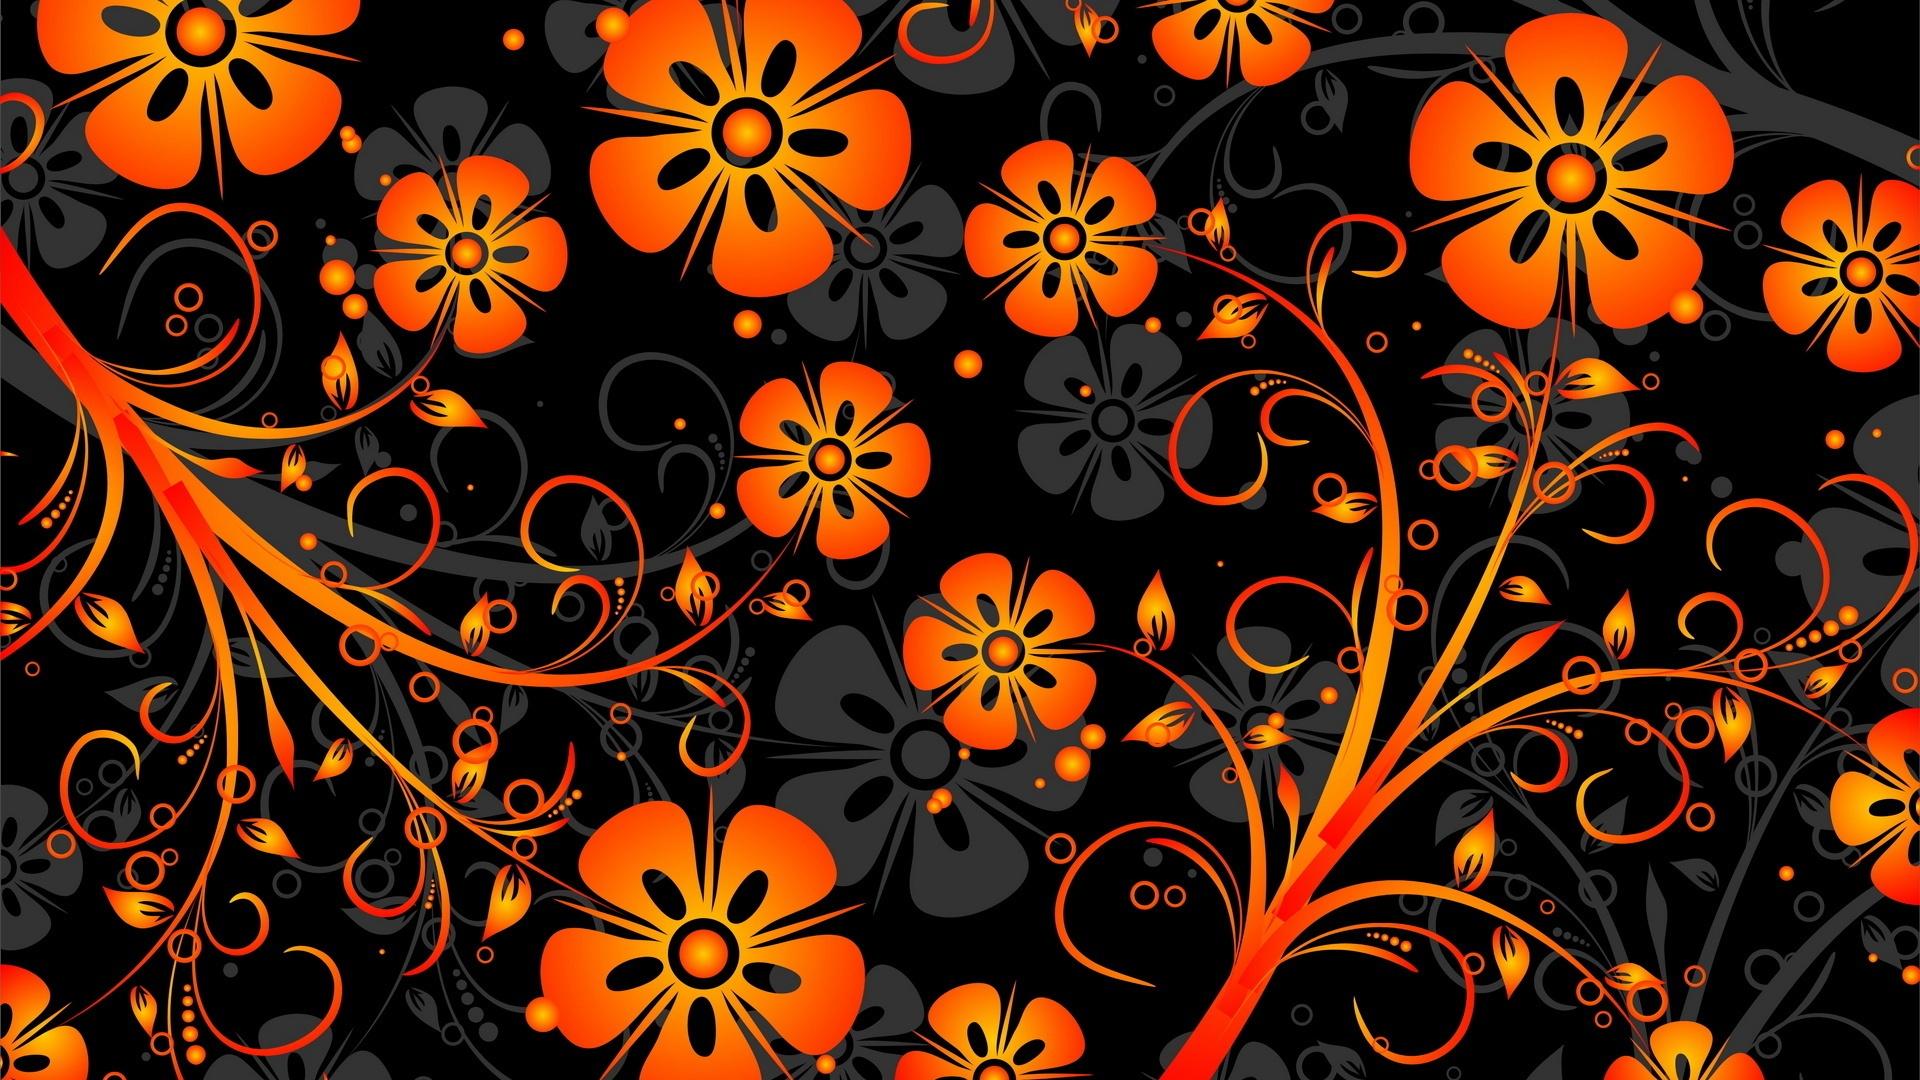 Fondos De Pantalla 1920x1080 Px Abstracto Flores